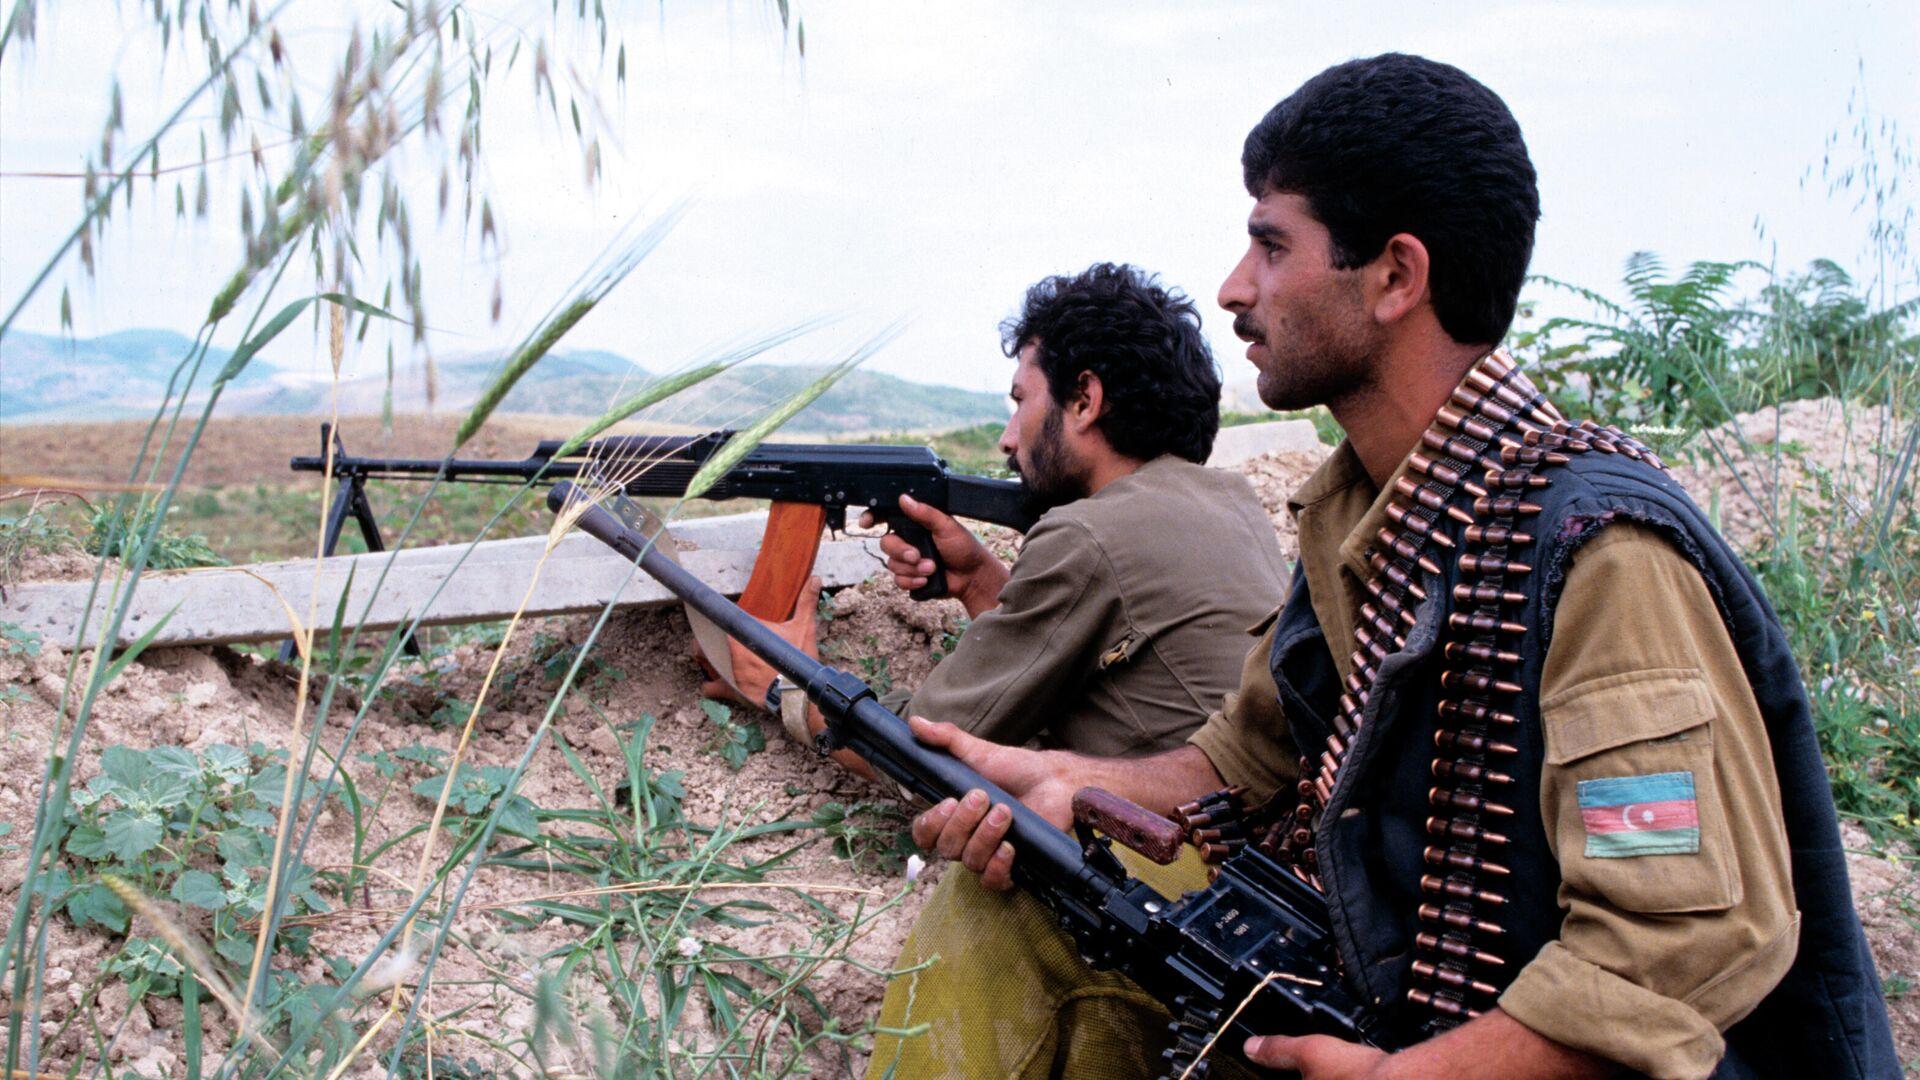 Нагорный Карабах. Азербайджанские бойцы на боевых позициях. Июль, 1992 год - РИА Новости, 1920, 28.09.2020